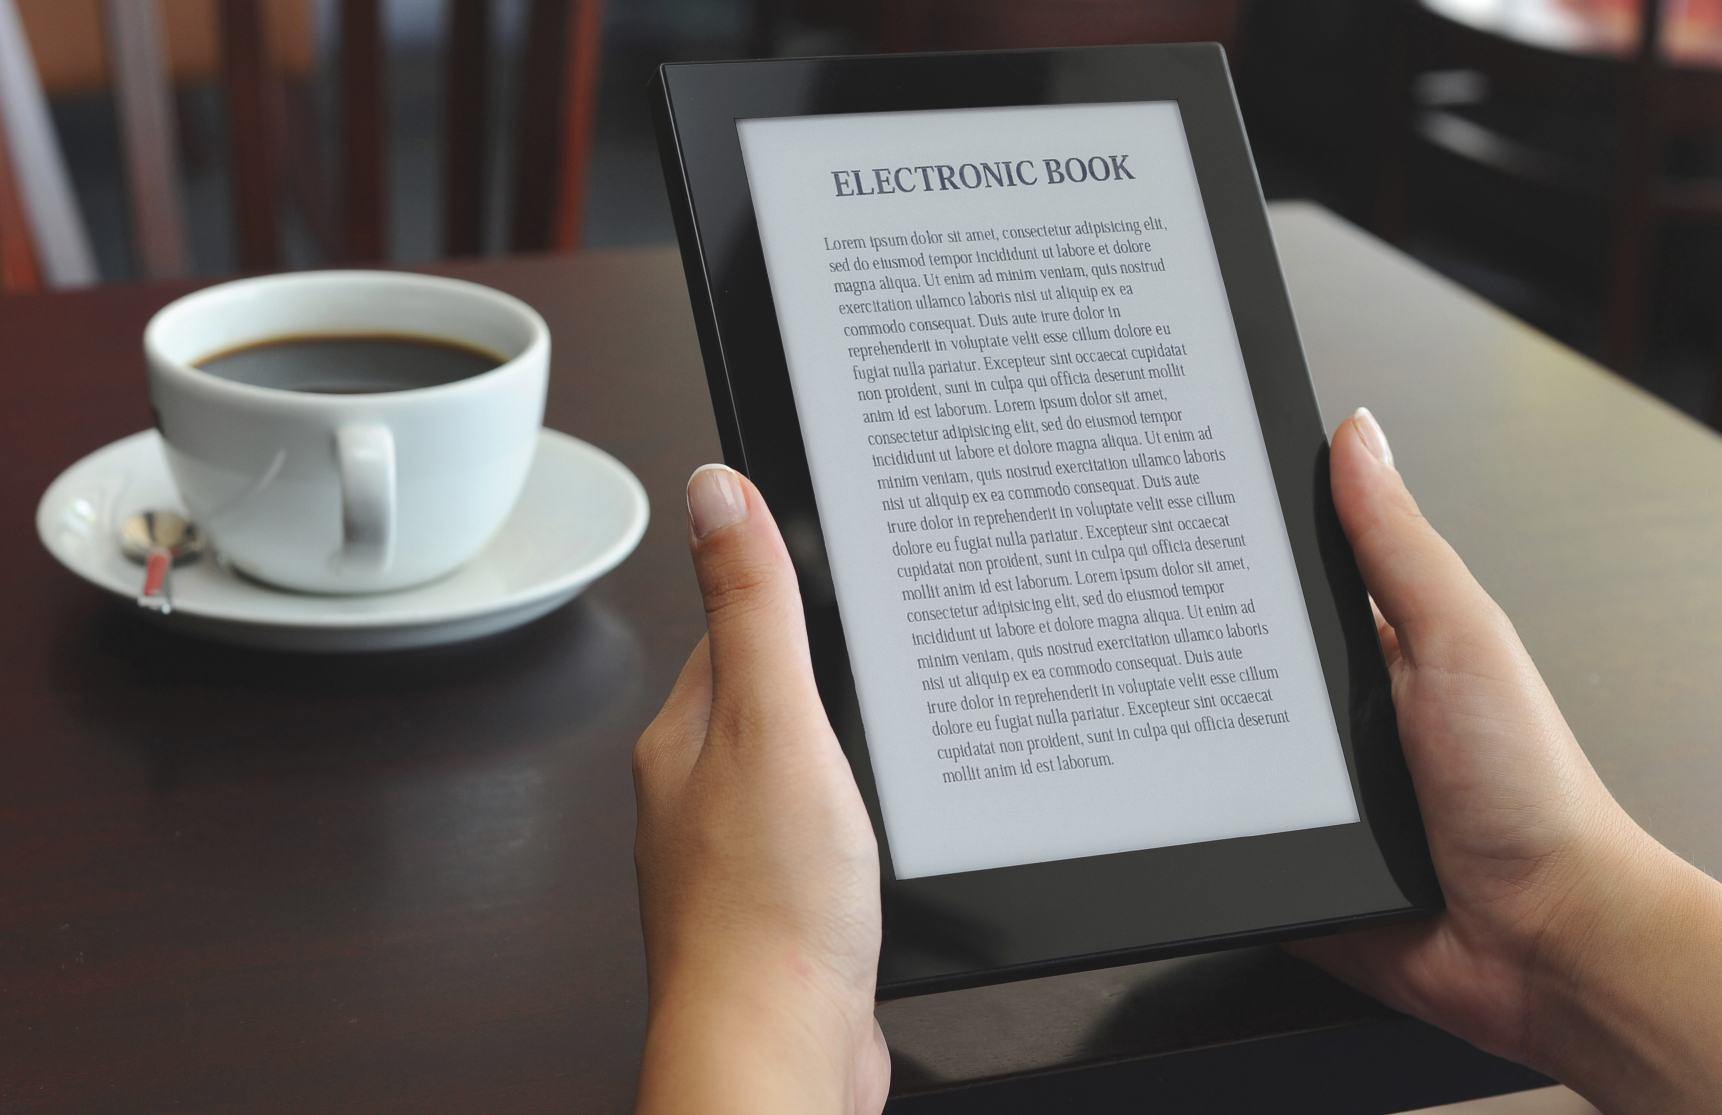 Saiba agora mesmo como criar um e-book da maneira correta.